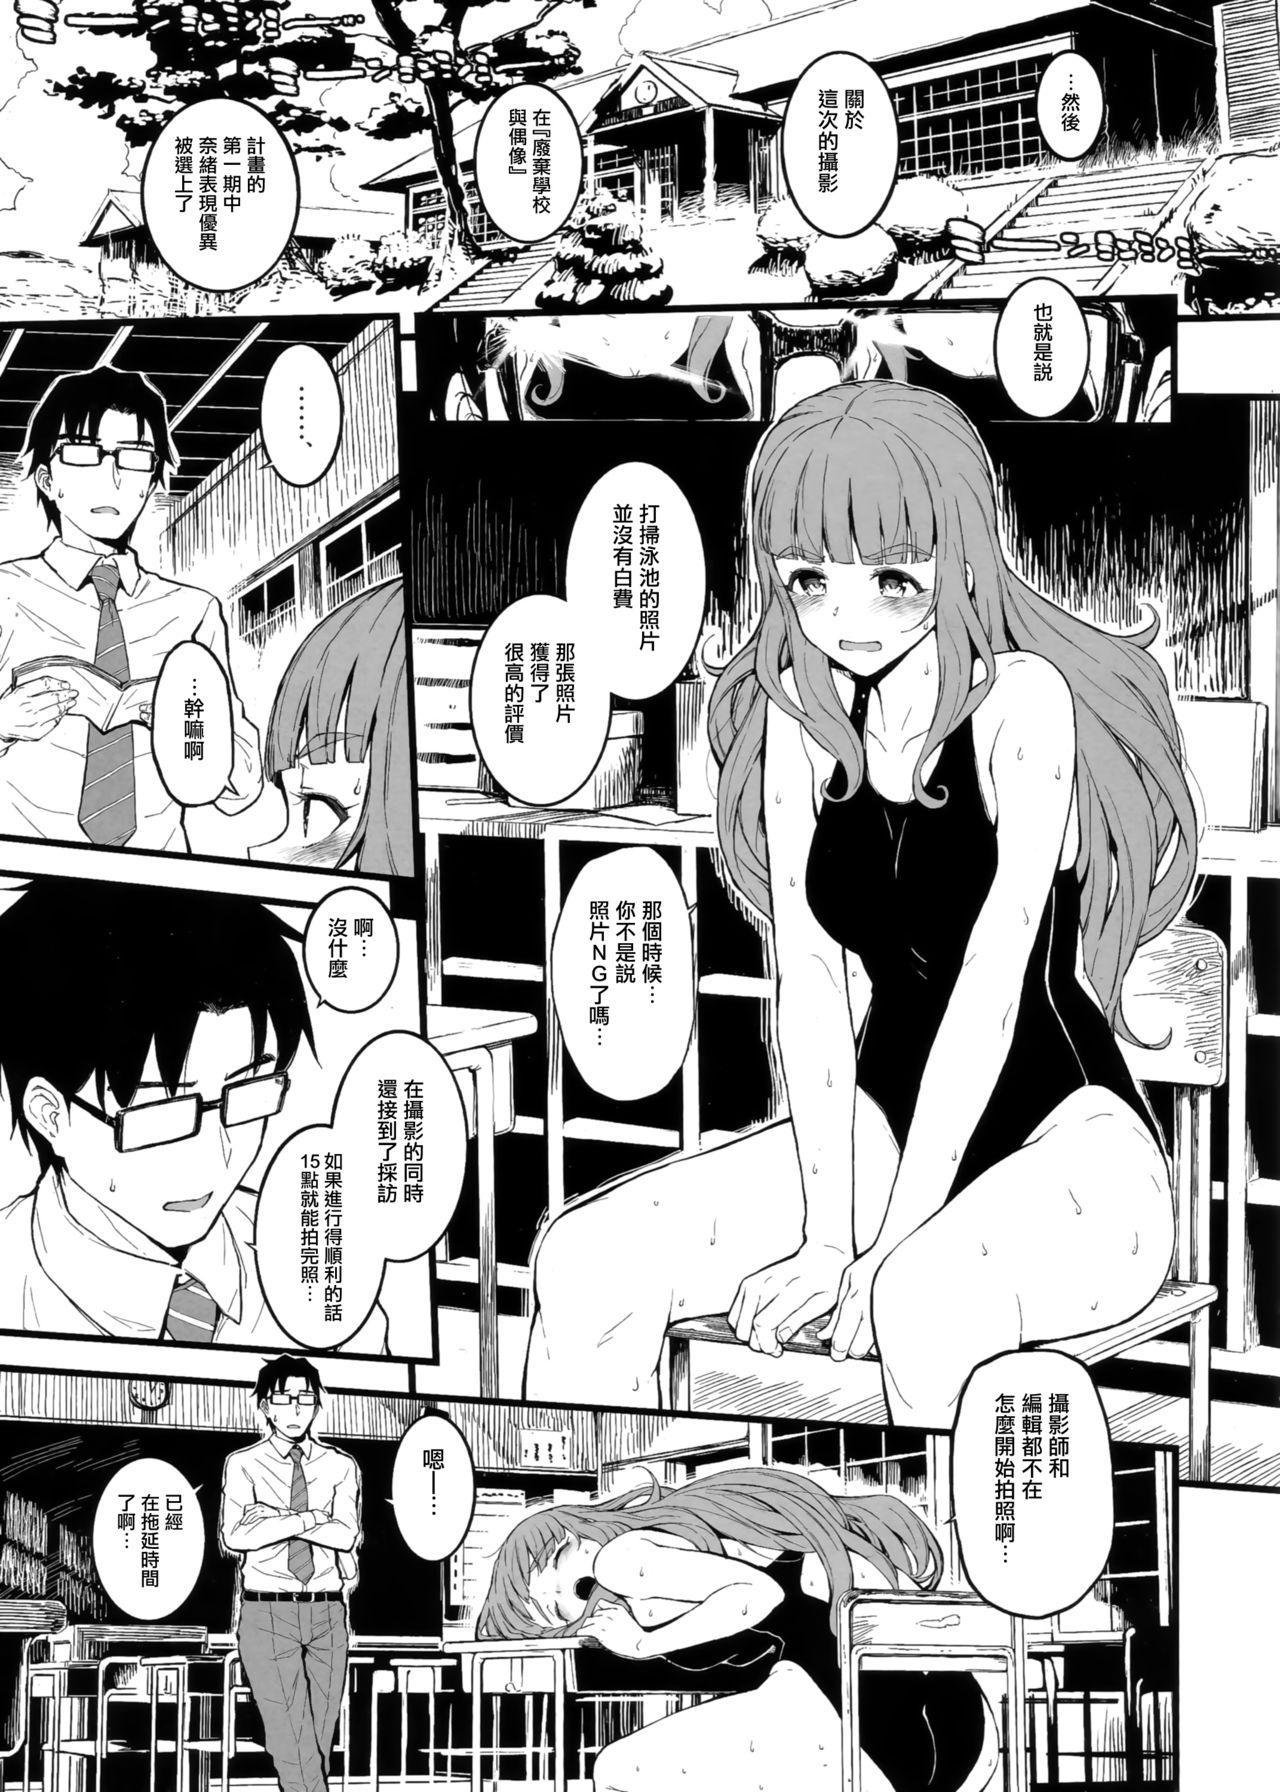 Nao-chan to Asedaku de Shichau Hon 1